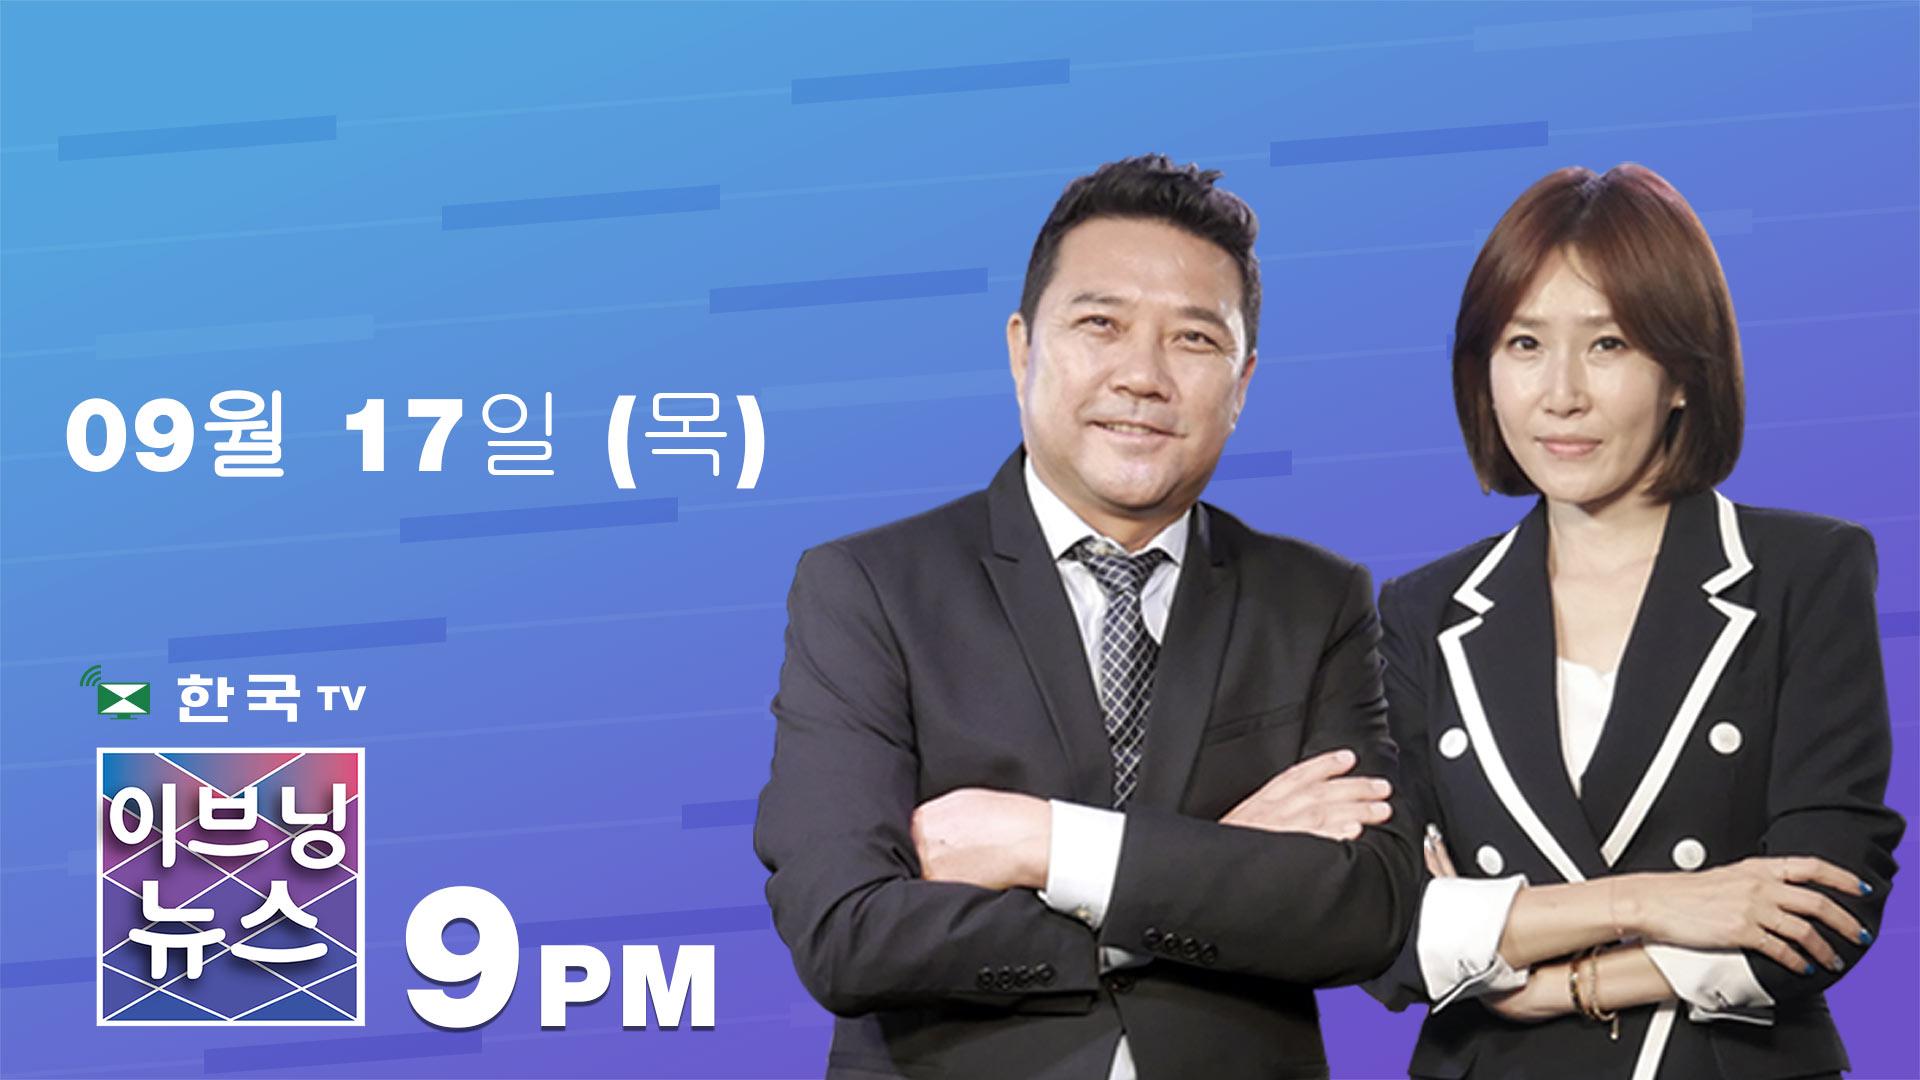 (09.17.2020) 한국TV 이브닝 뉴스